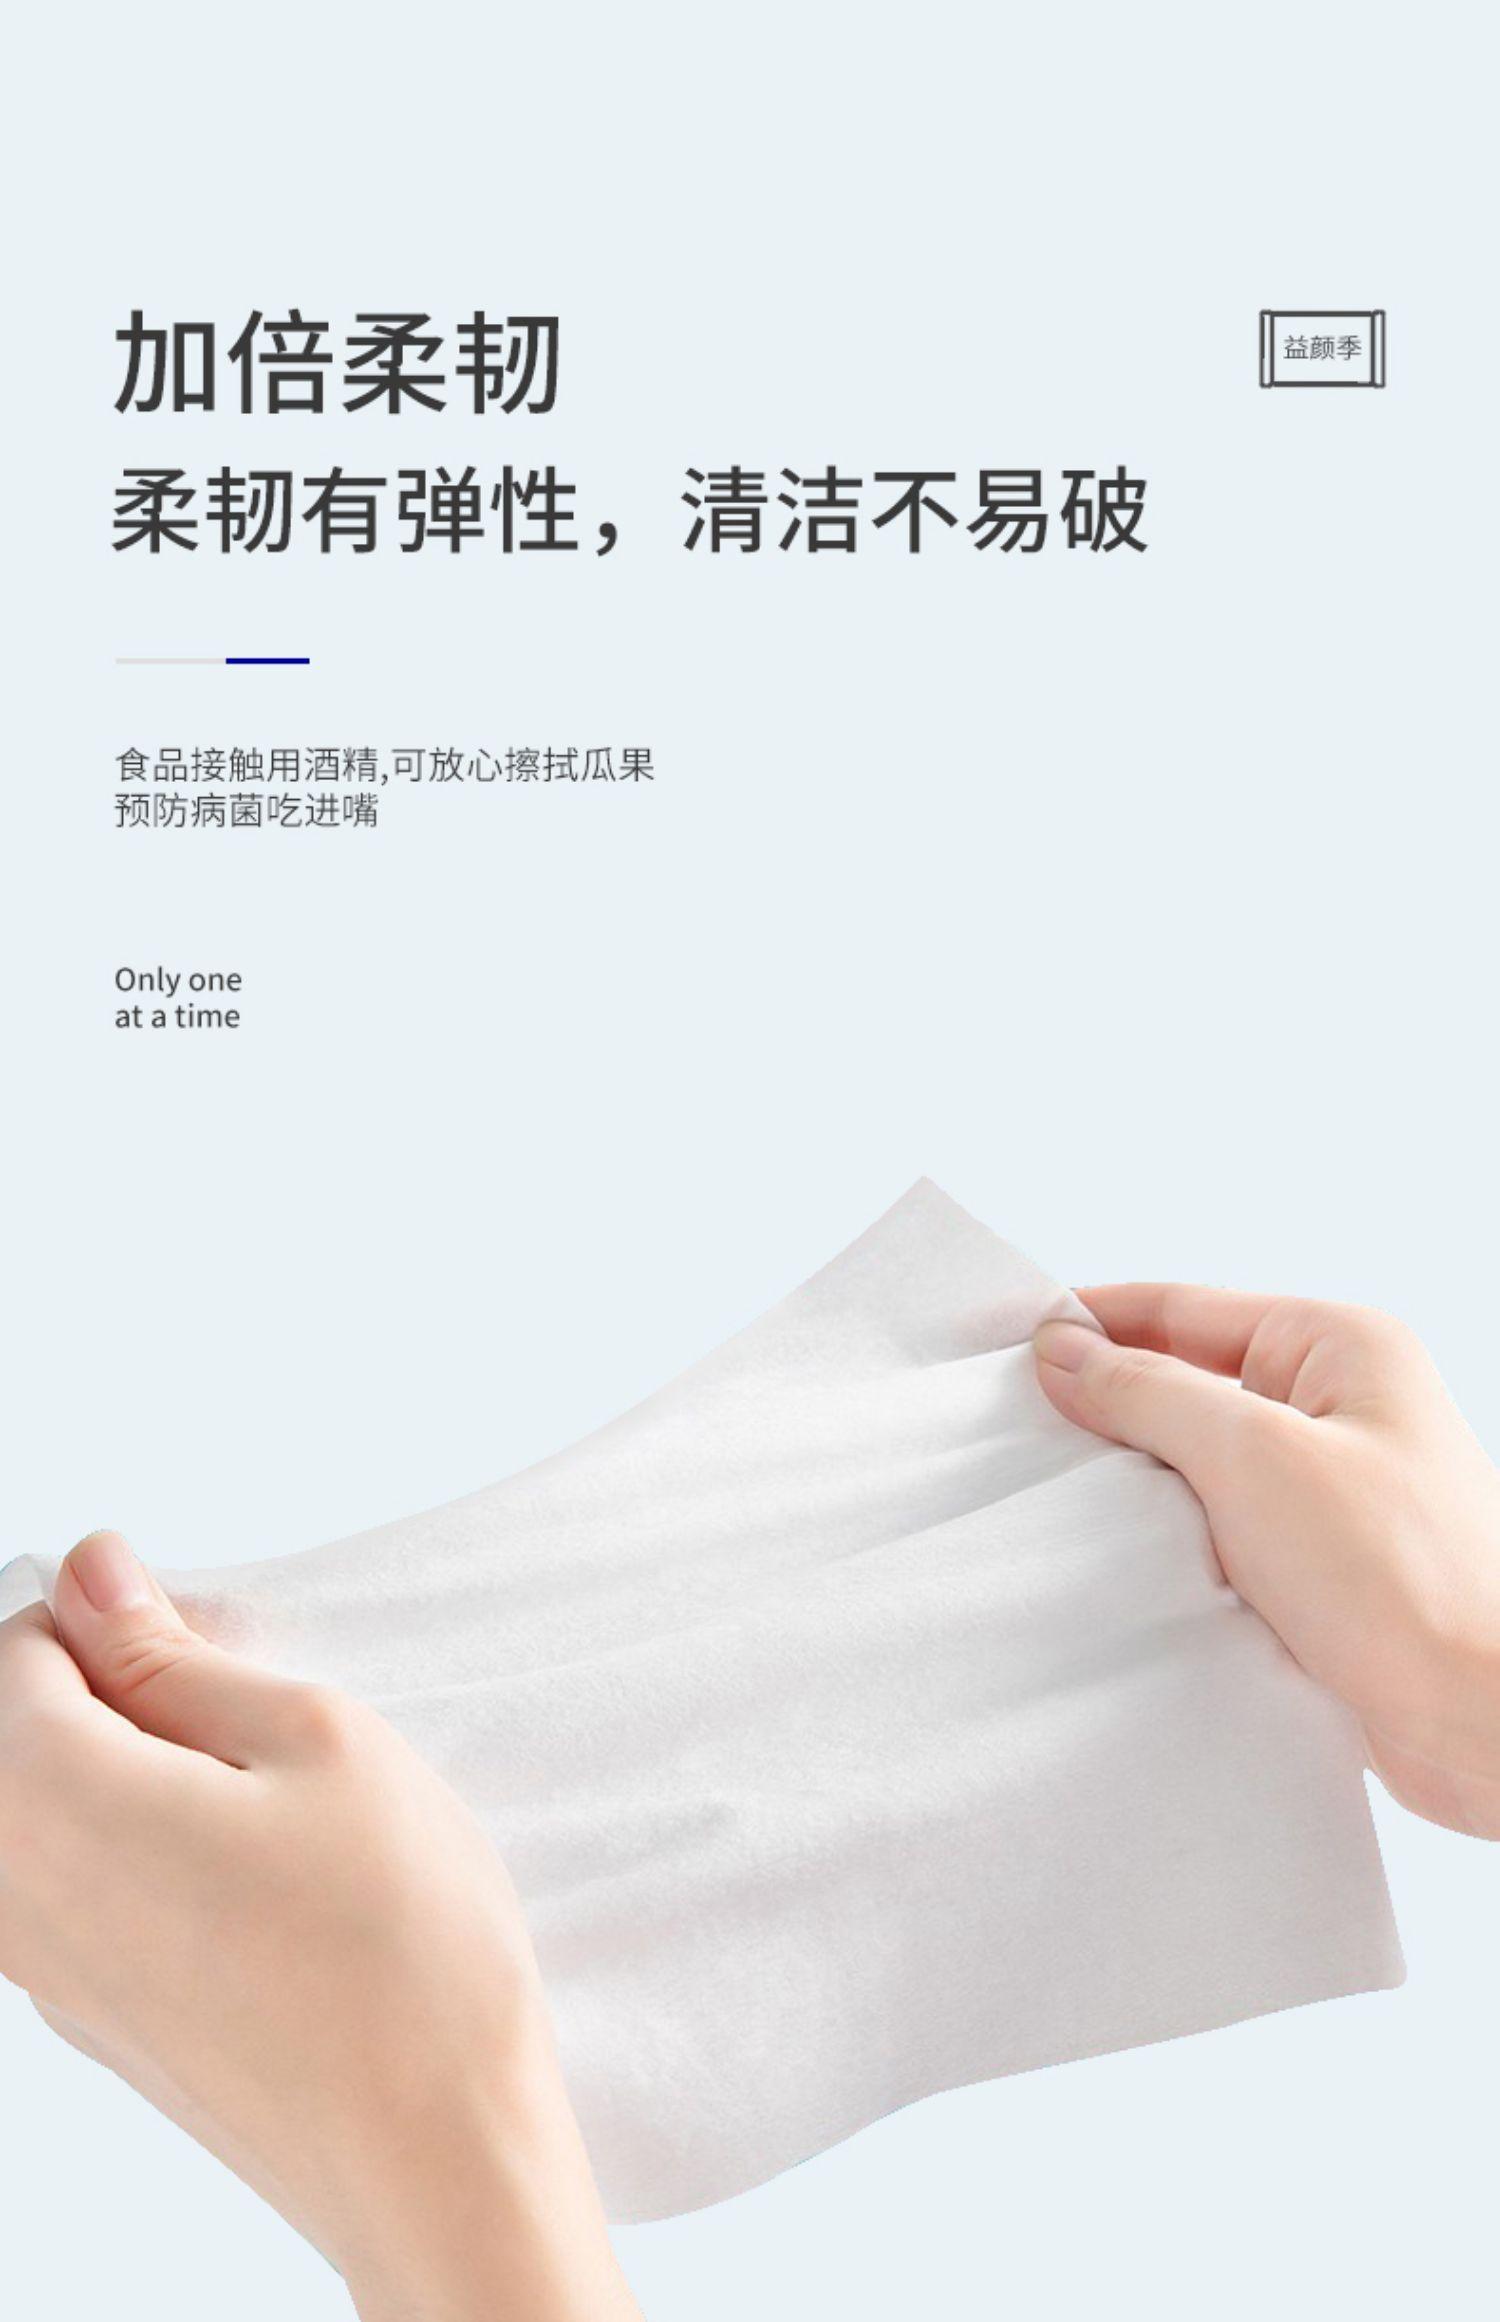 杀菌消毒便携式小包随身装消毒湿巾